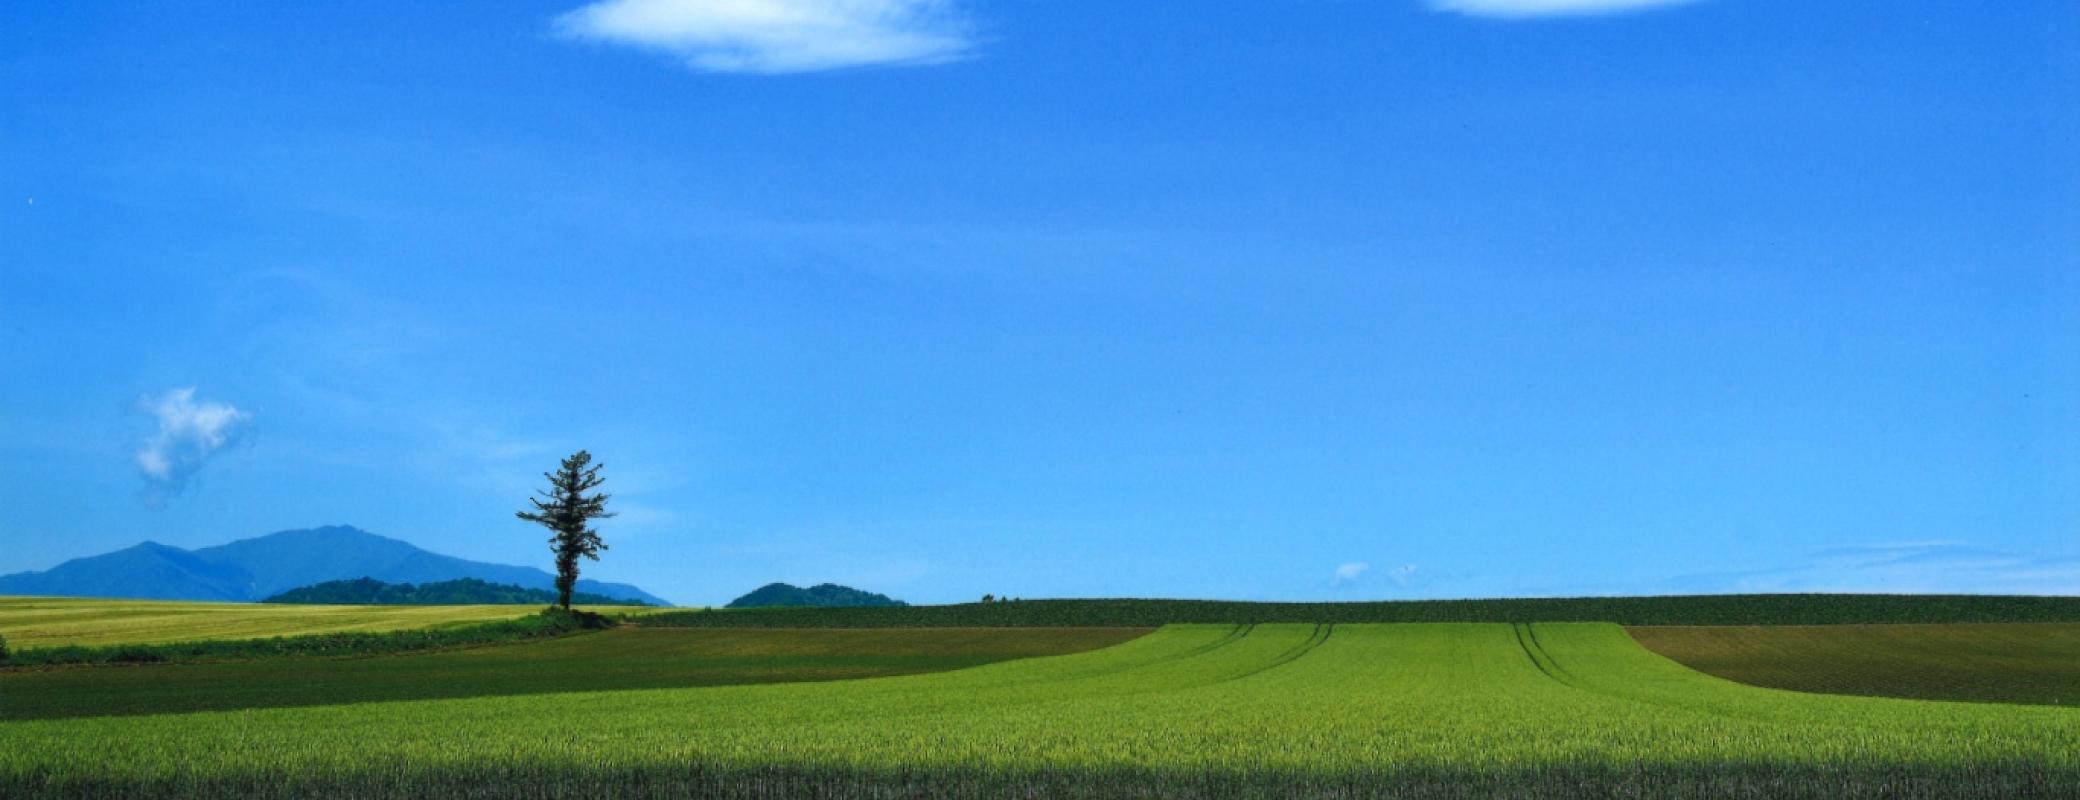 北海道 中札内村